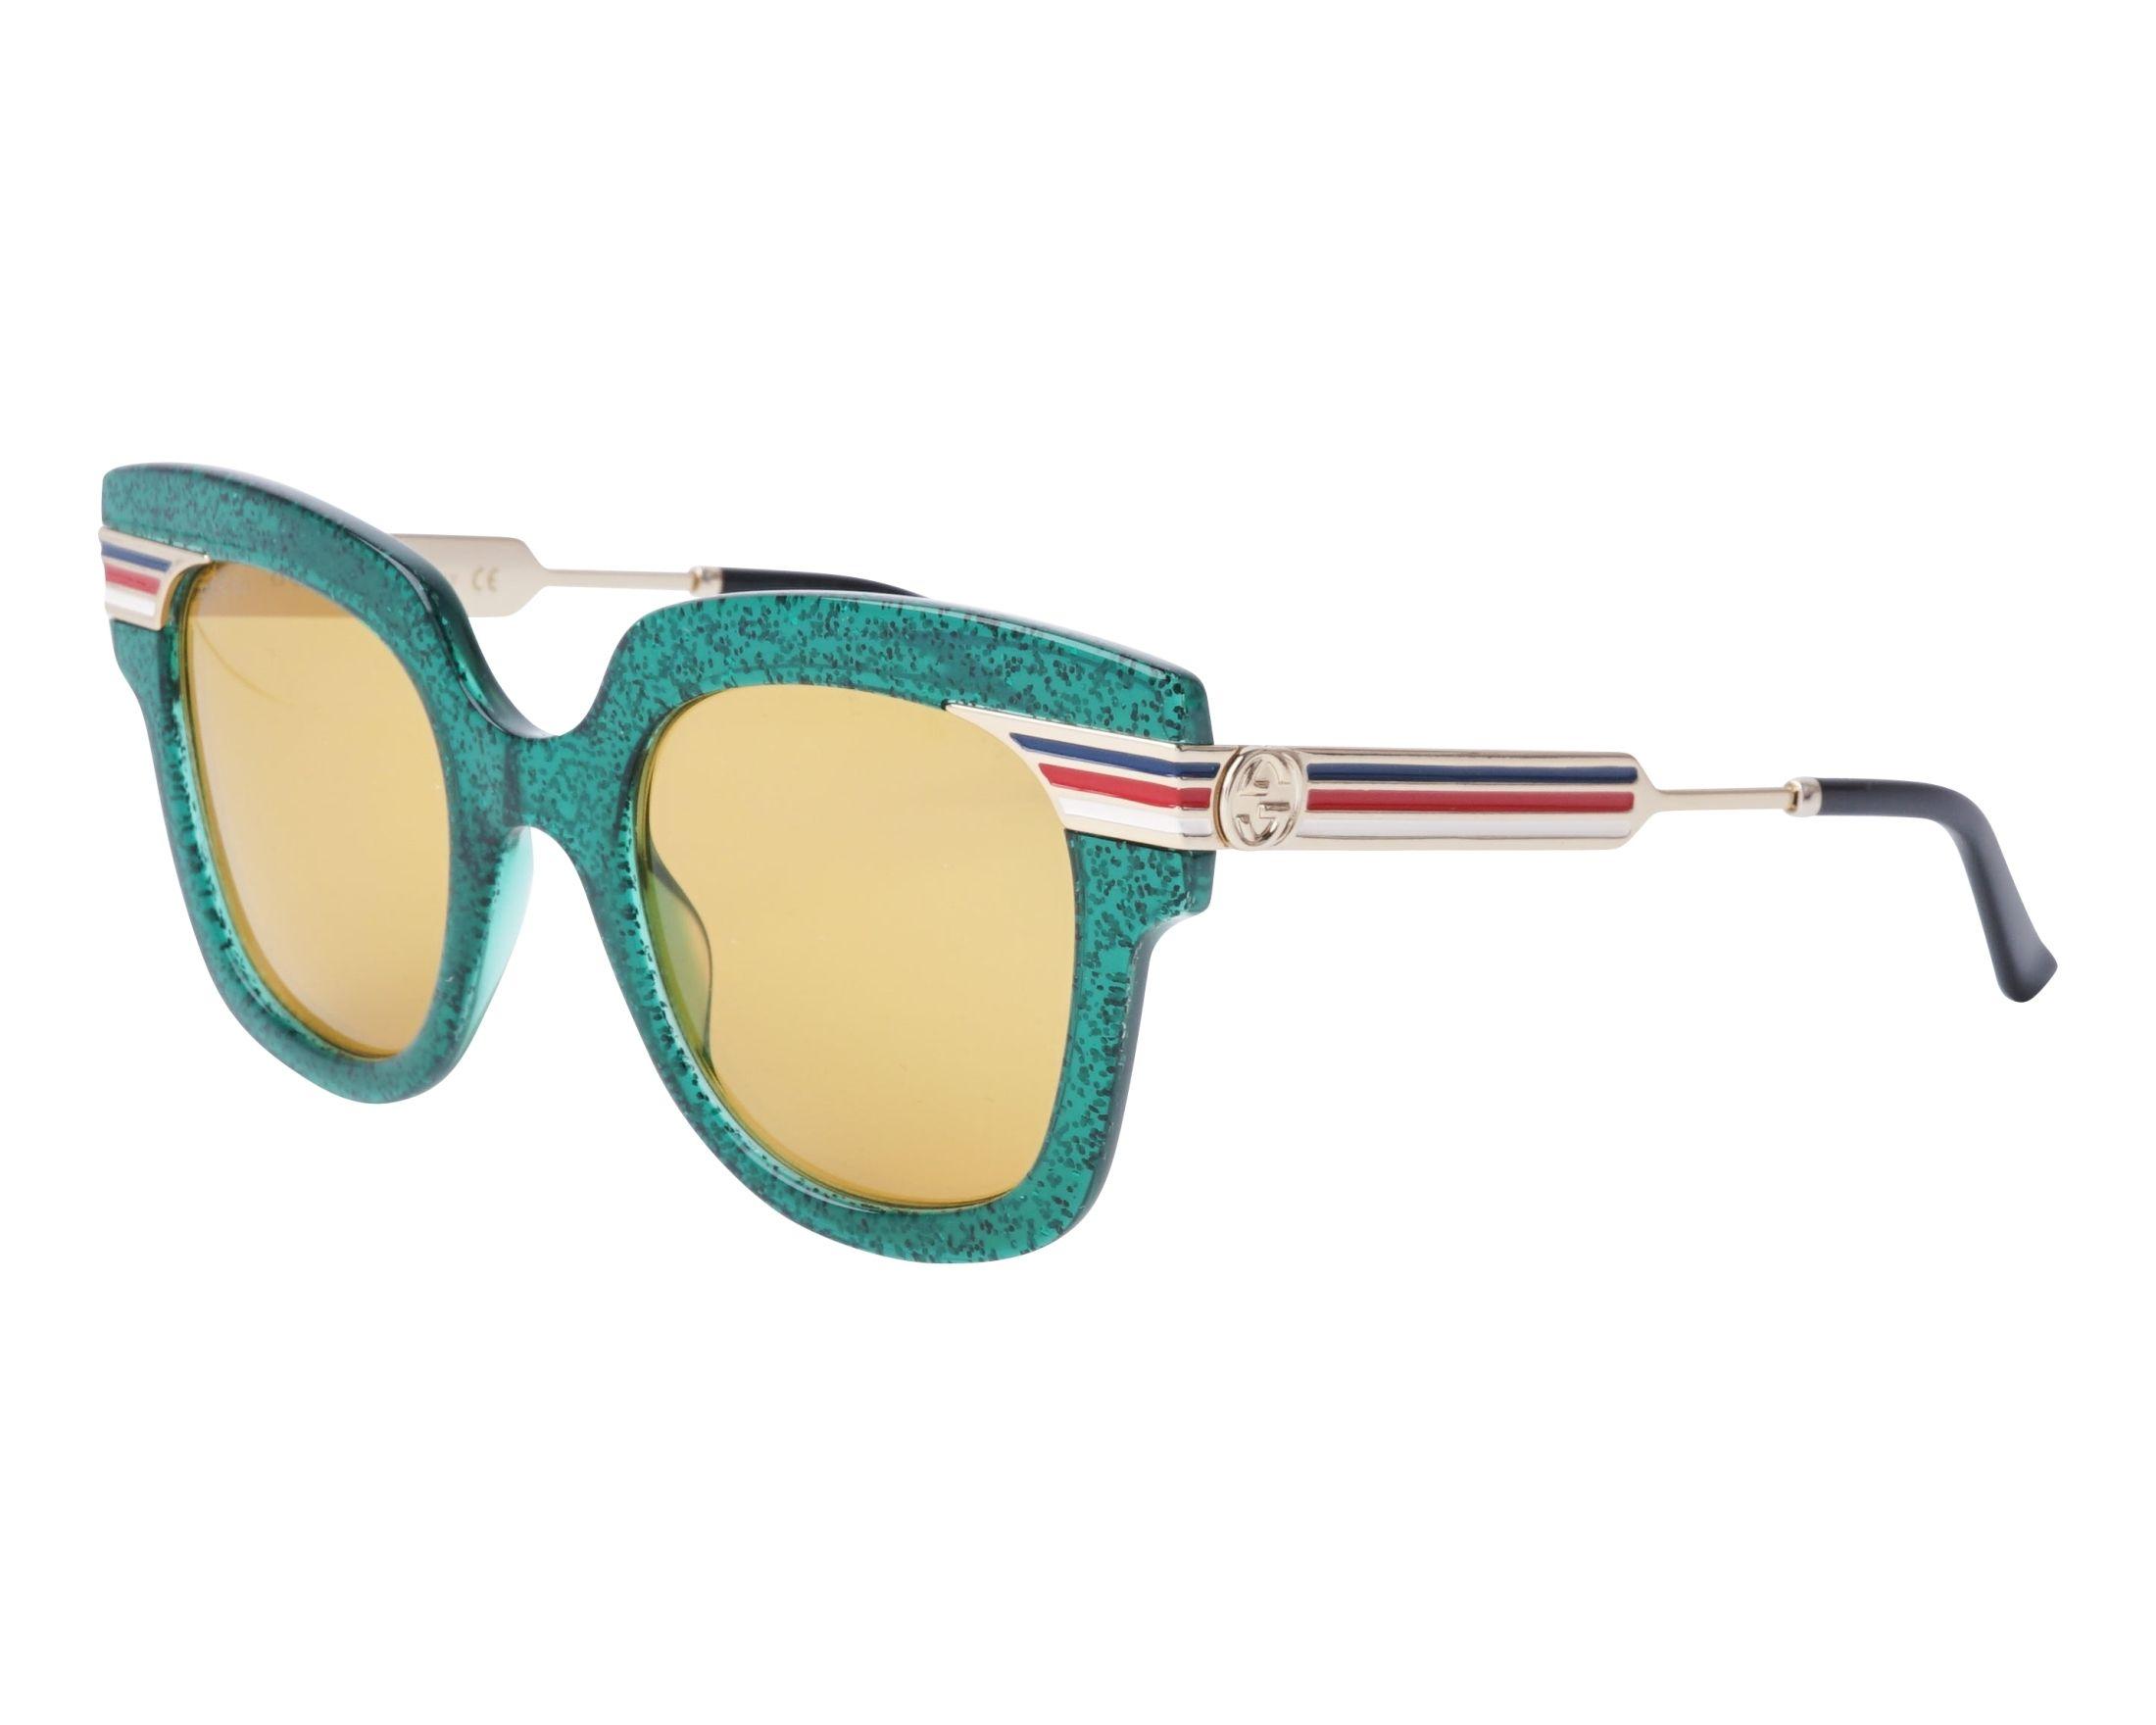 d6bb572a53 Sunglasses Gucci GG-0281-S 006 50-23 Green Gold profile view